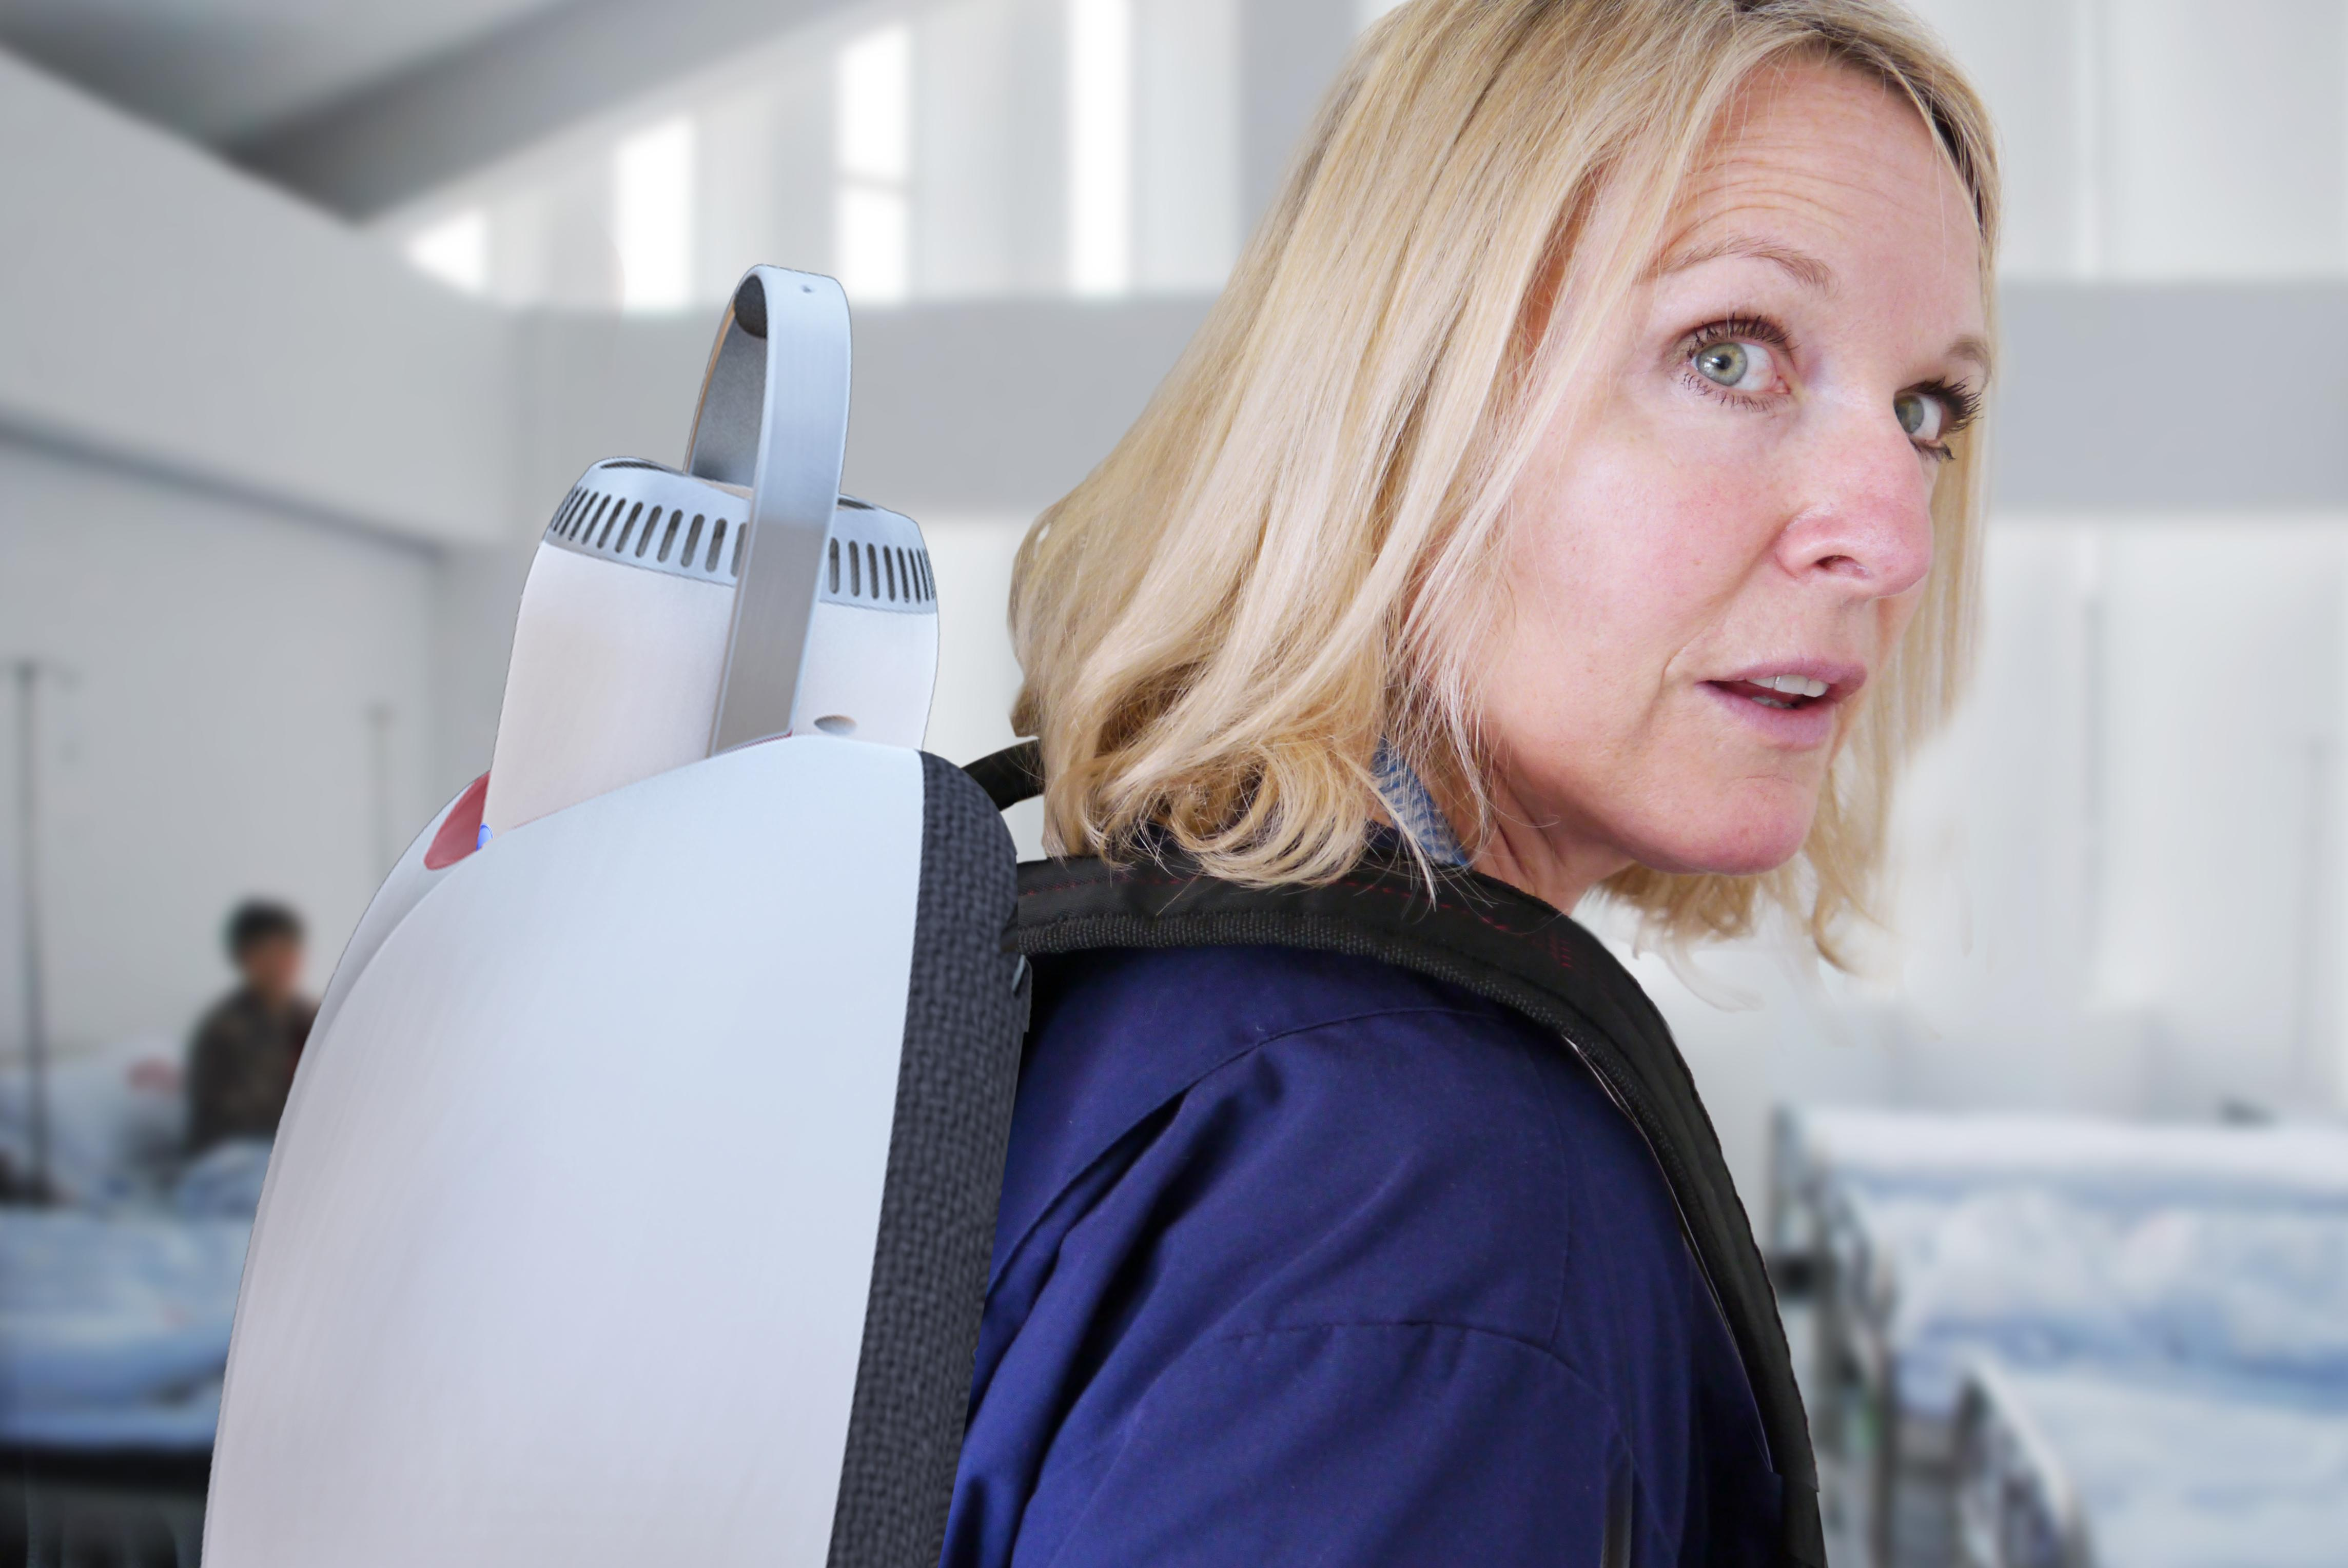 Победители премии Дайсона: разработаны устройство для хранения вакцин и контактные линзы для диабетиков